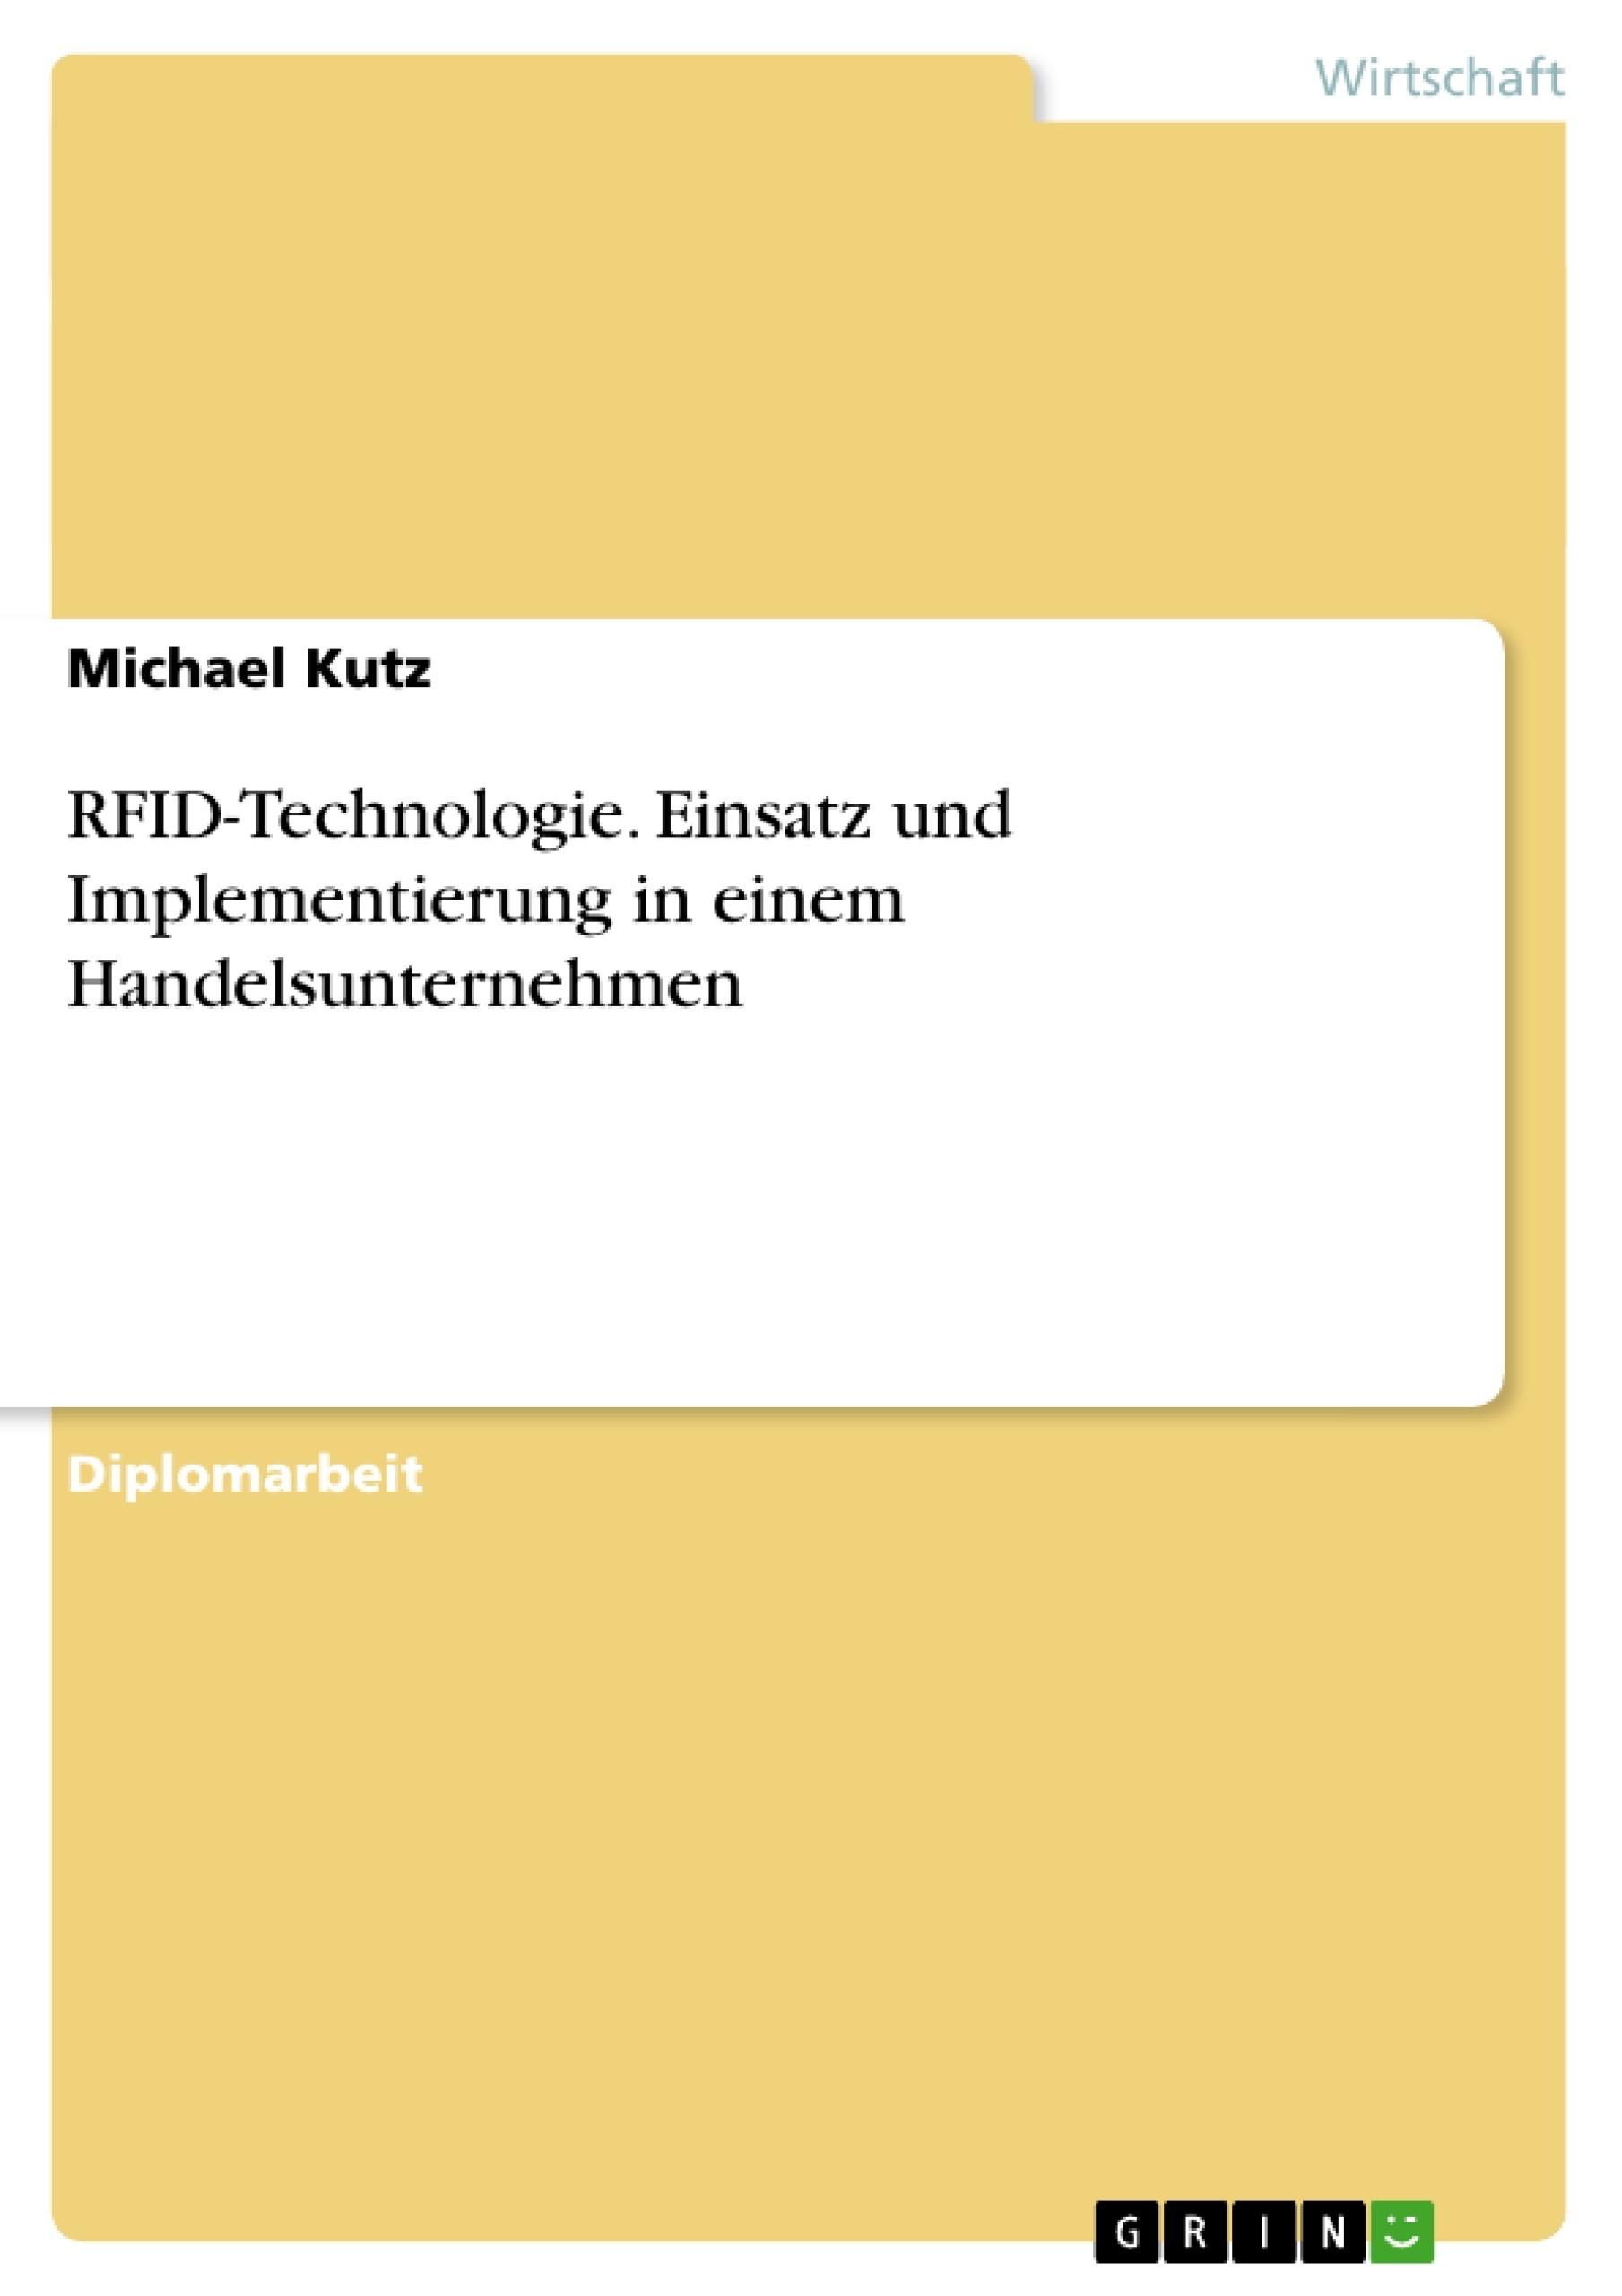 Titel: RFID-Technologie. Einsatz und Implementierung in einem Handelsunternehmen